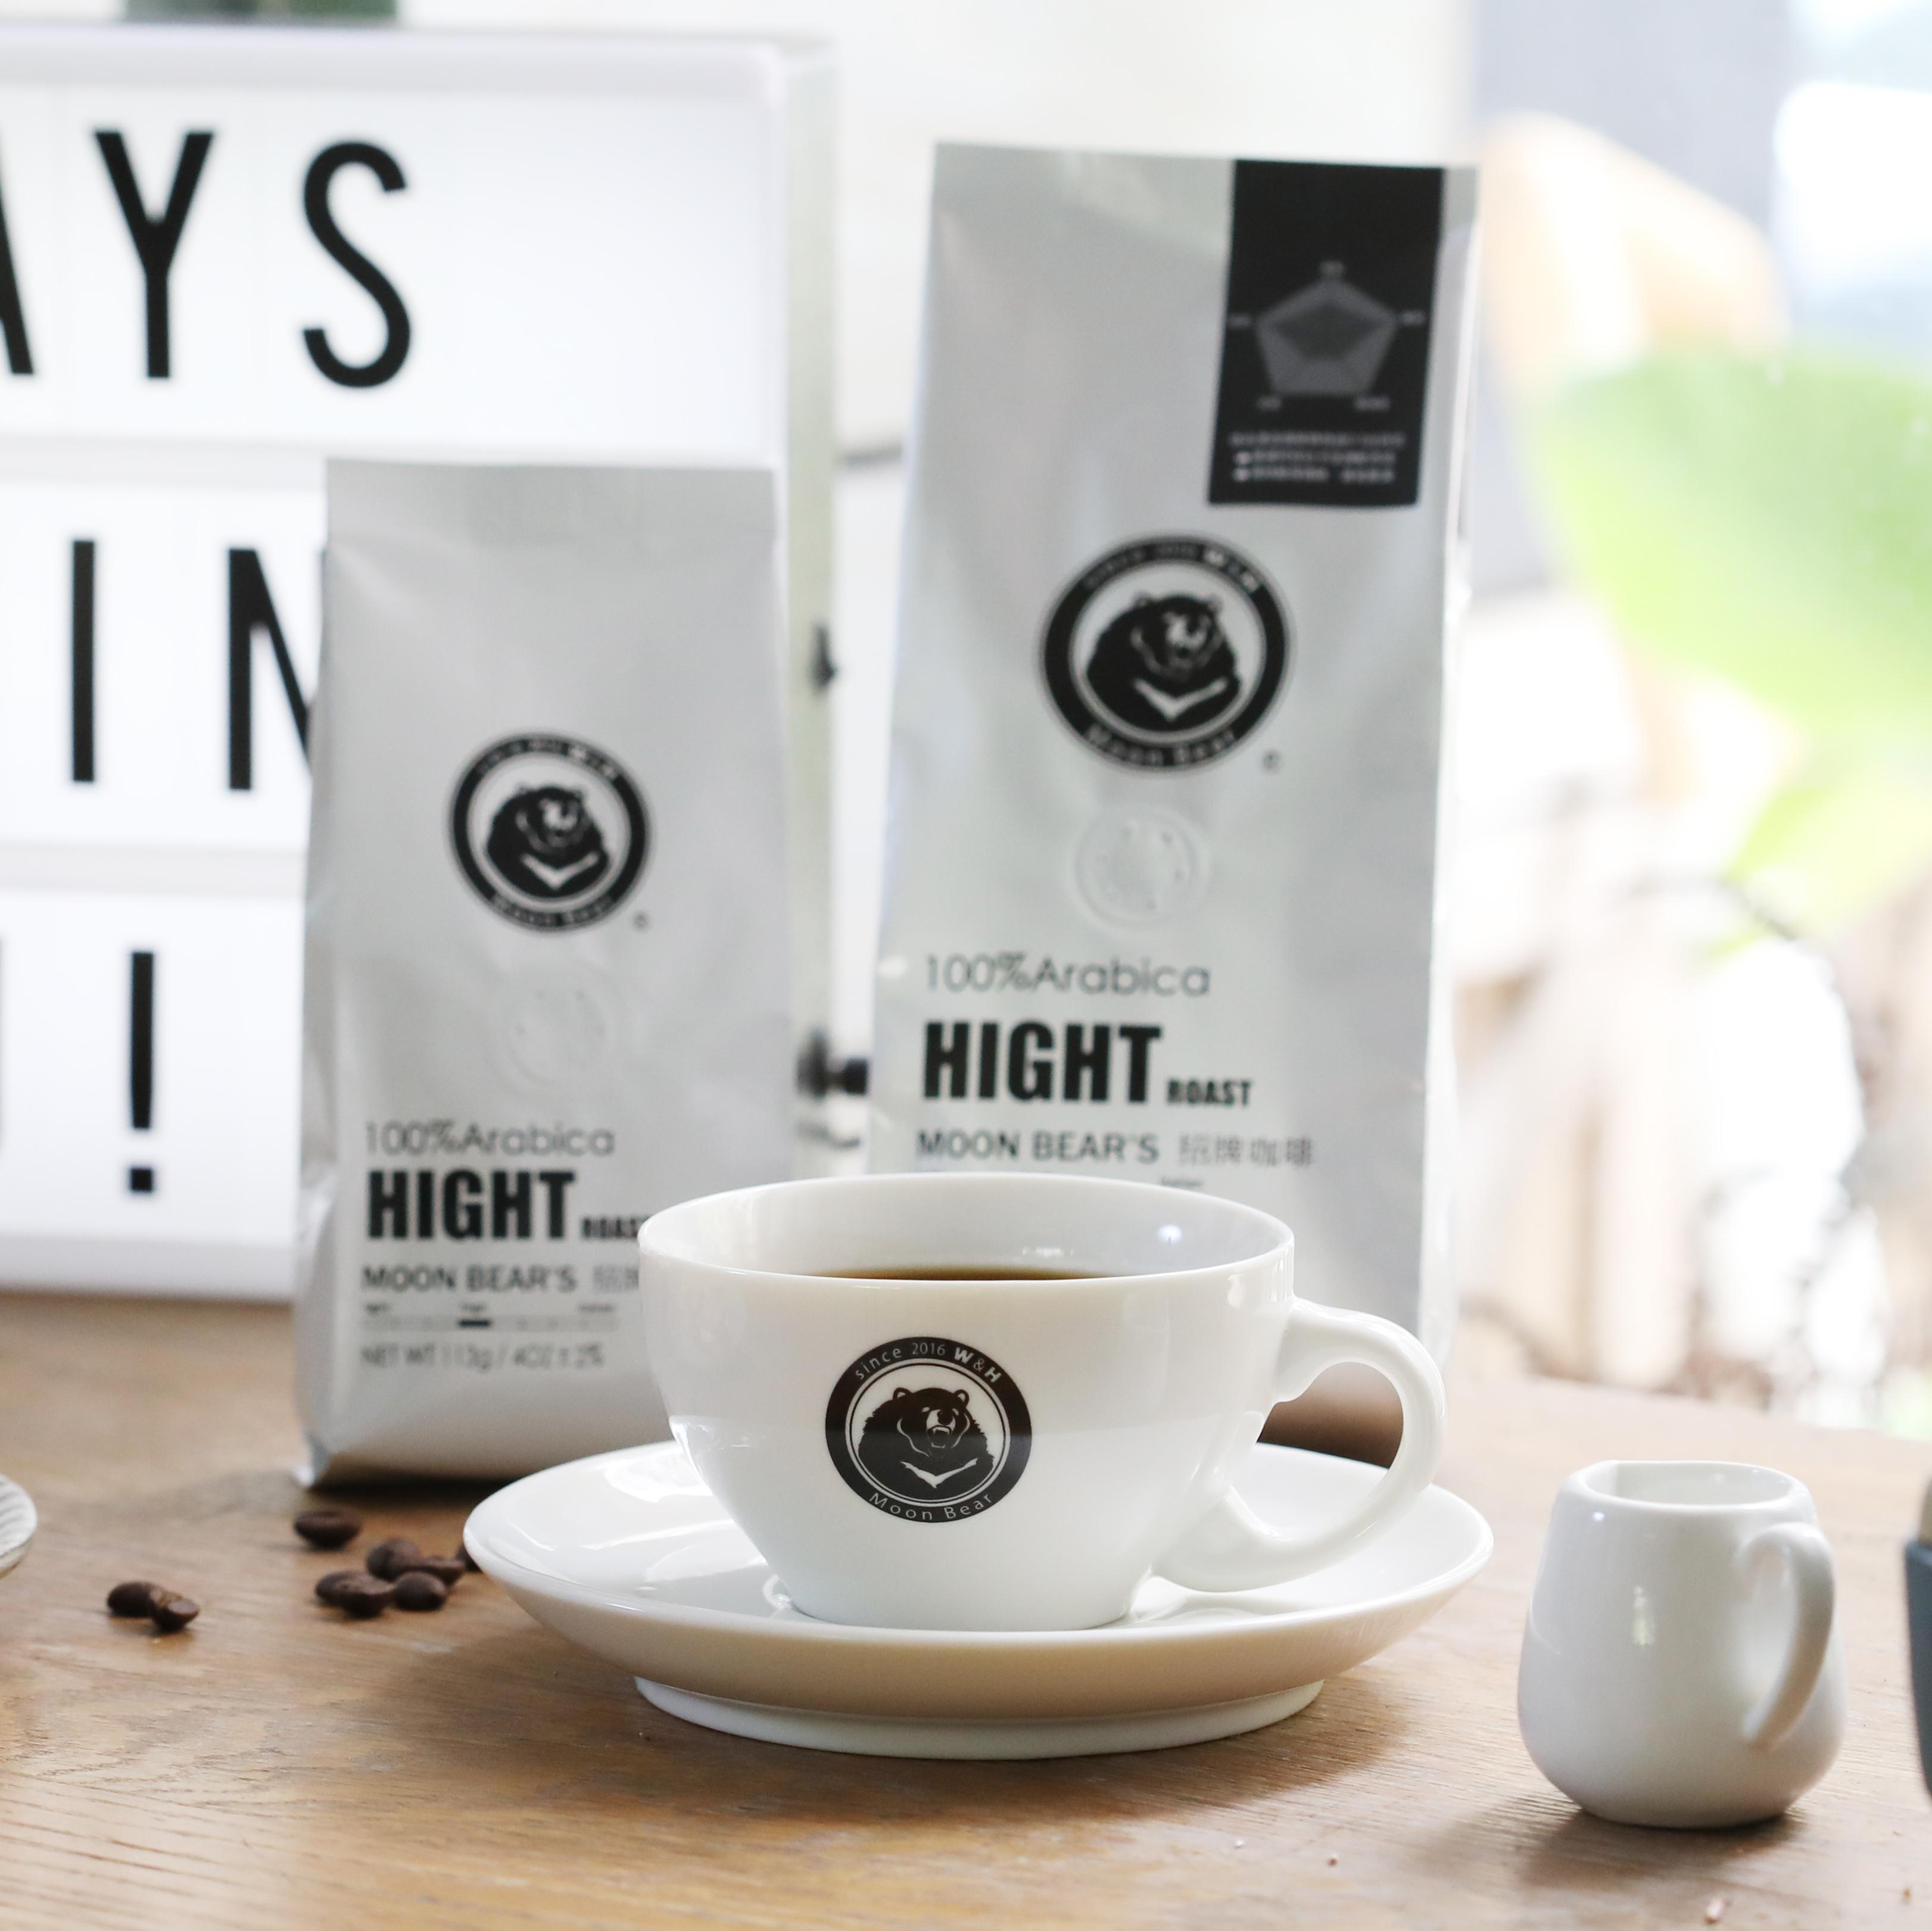 一元體驗價 ! 每人限購一次!【招牌咖啡豆】1/4磅★SGS檢驗合格★莊園等級豆★加購滿額免運送到家。人氣店家MoonBear cafe的咖啡豆有最棒的商品。快到日本NO.1的Rakuten樂天市場的